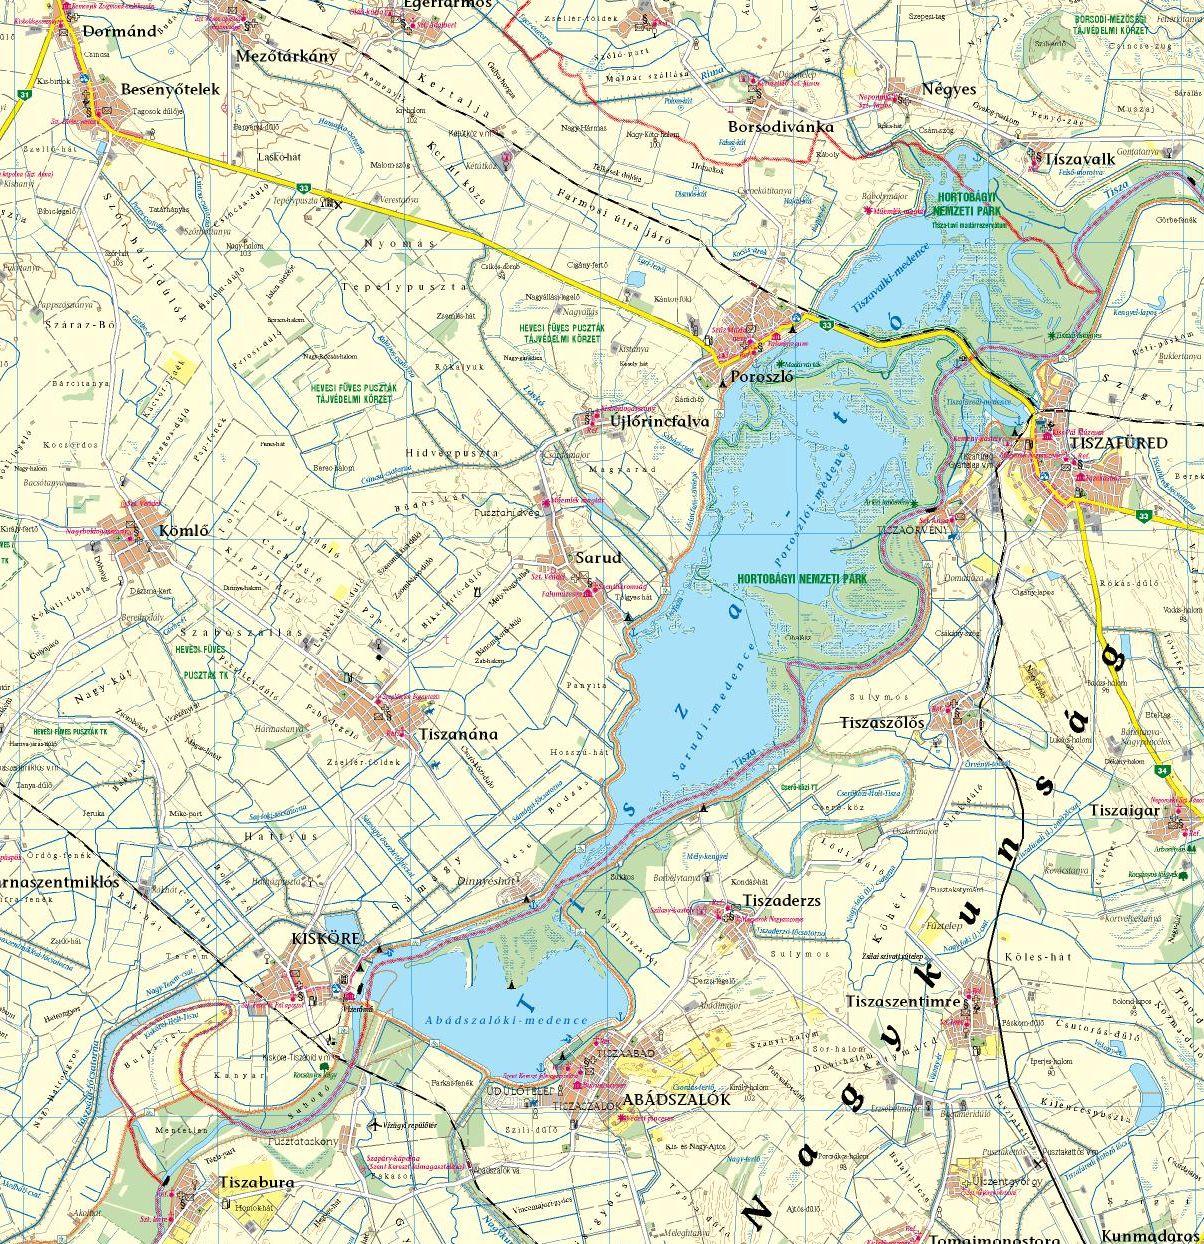 Heves megye: Tisza-tó térkép minta 1:100e